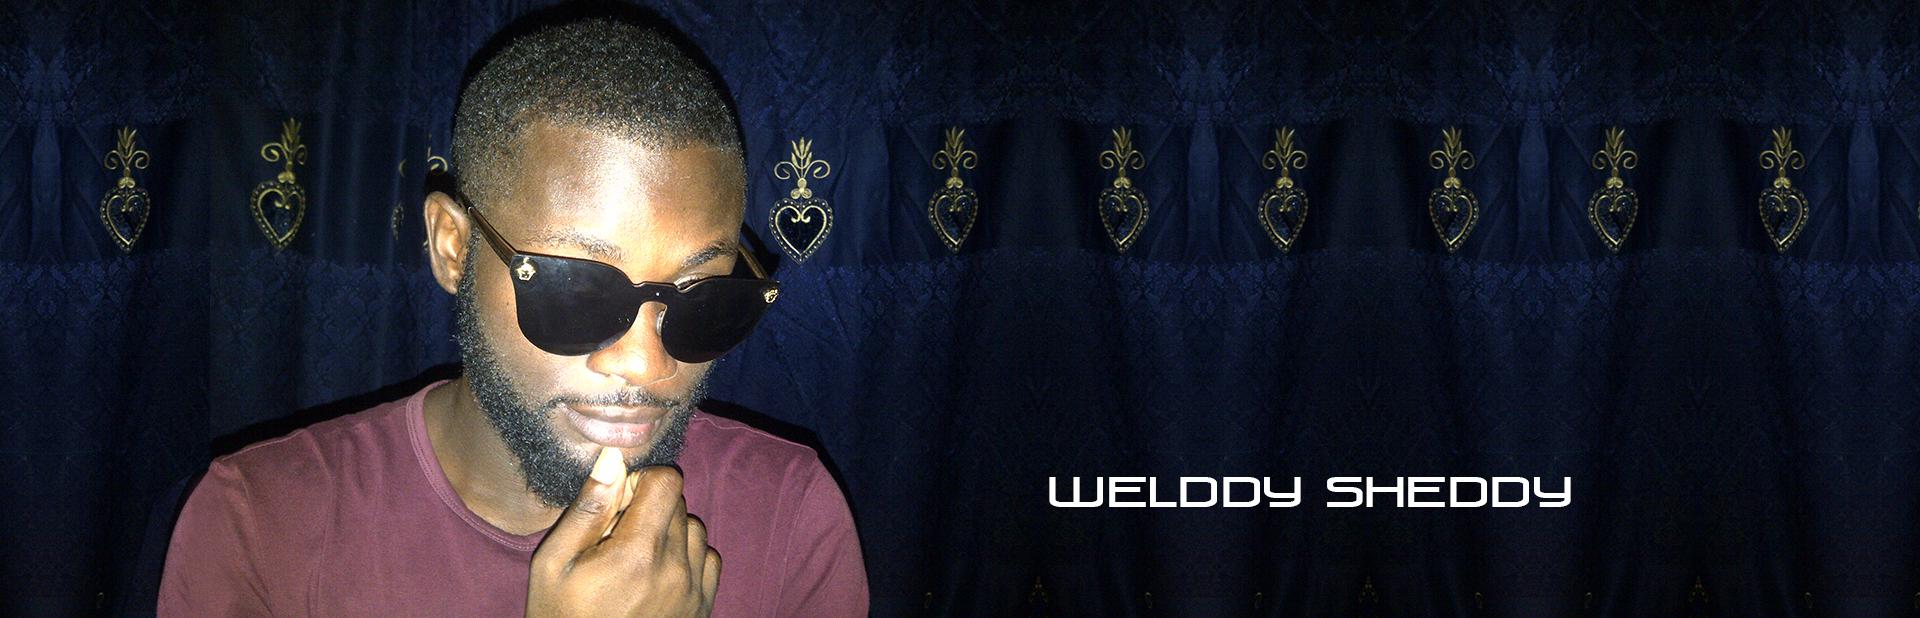 Welddy-Sheddy